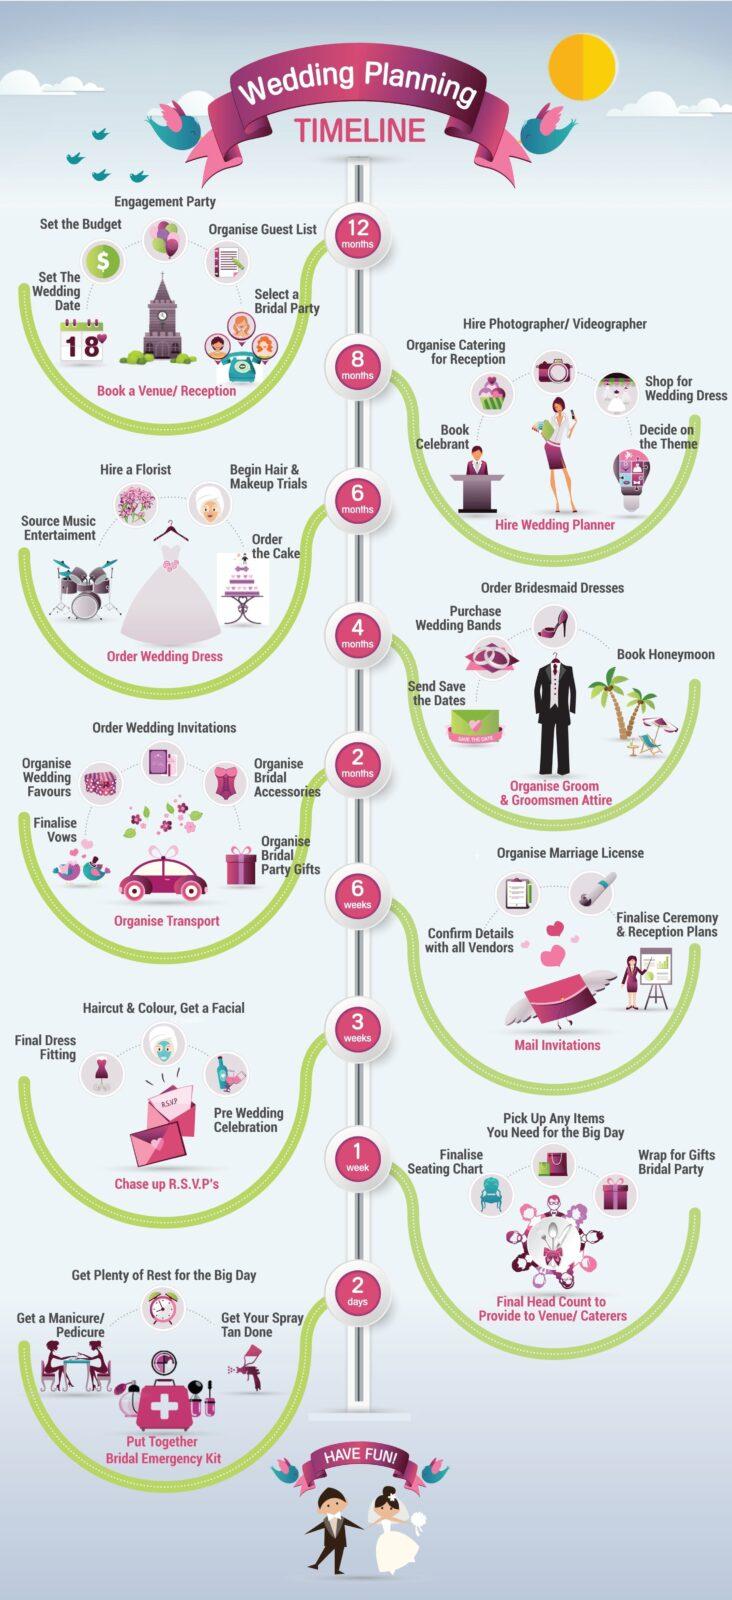 wedding-planning-timeline-in-43-steps-high-res-min